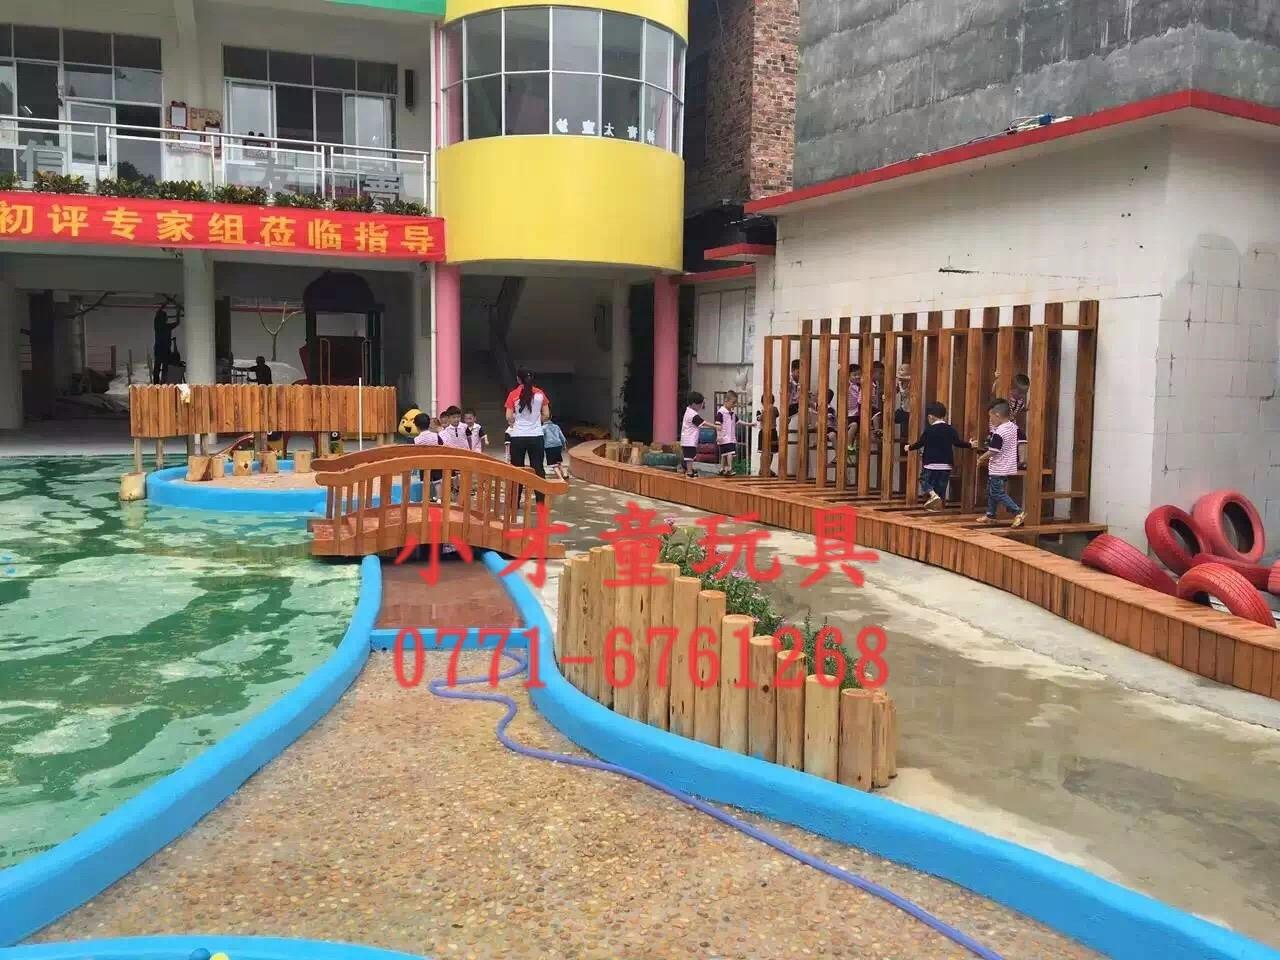 幼儿园大型游乐设施,木制组合玩具|户外大型游乐设备-南宁市小才童贸易有限公司